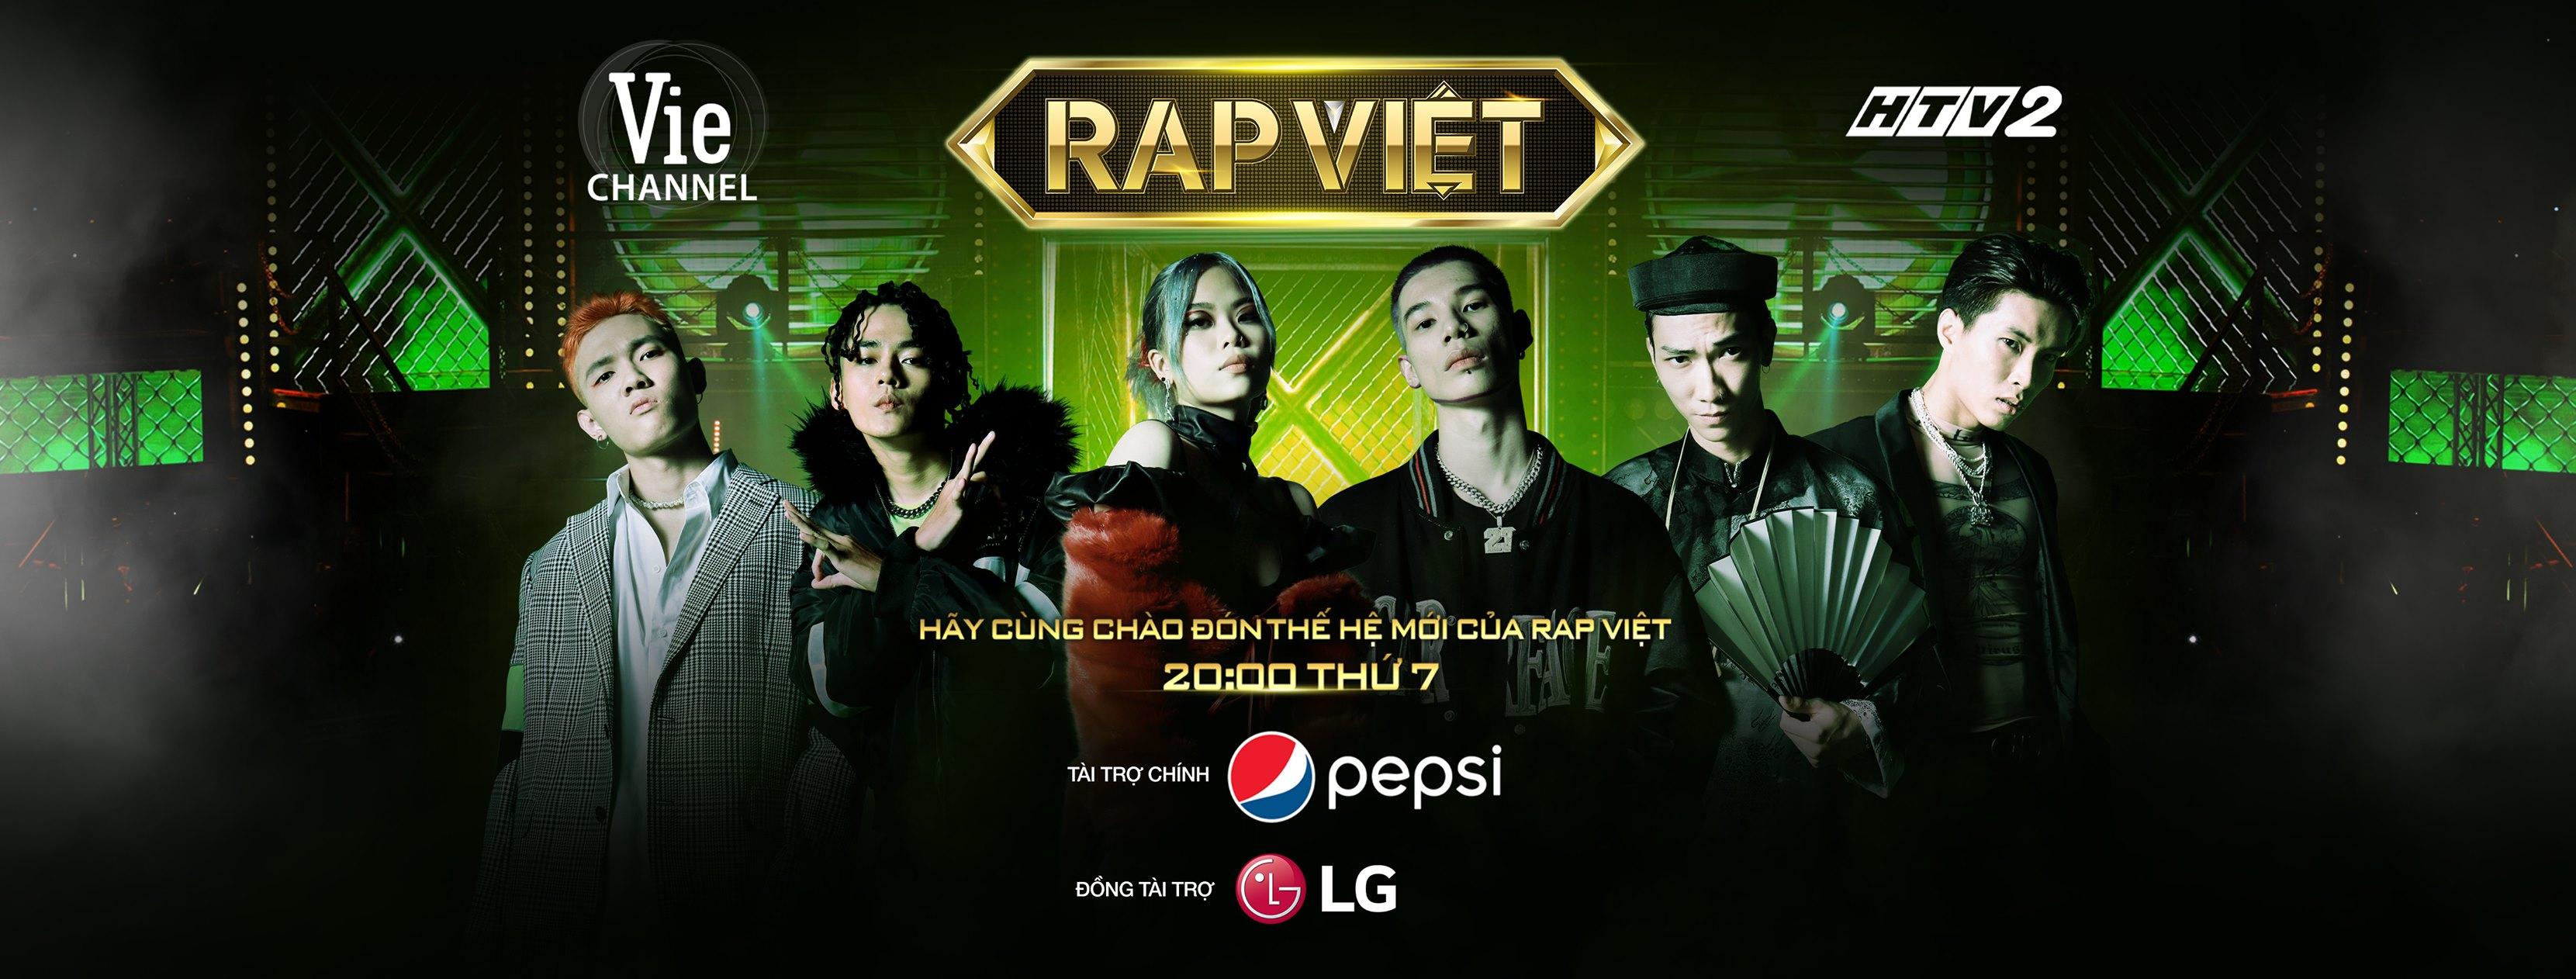 Rap Việt tập 13 cũng hứa hẹn sẽ mang đến trận đấu 'tử thần' không kém tập 12